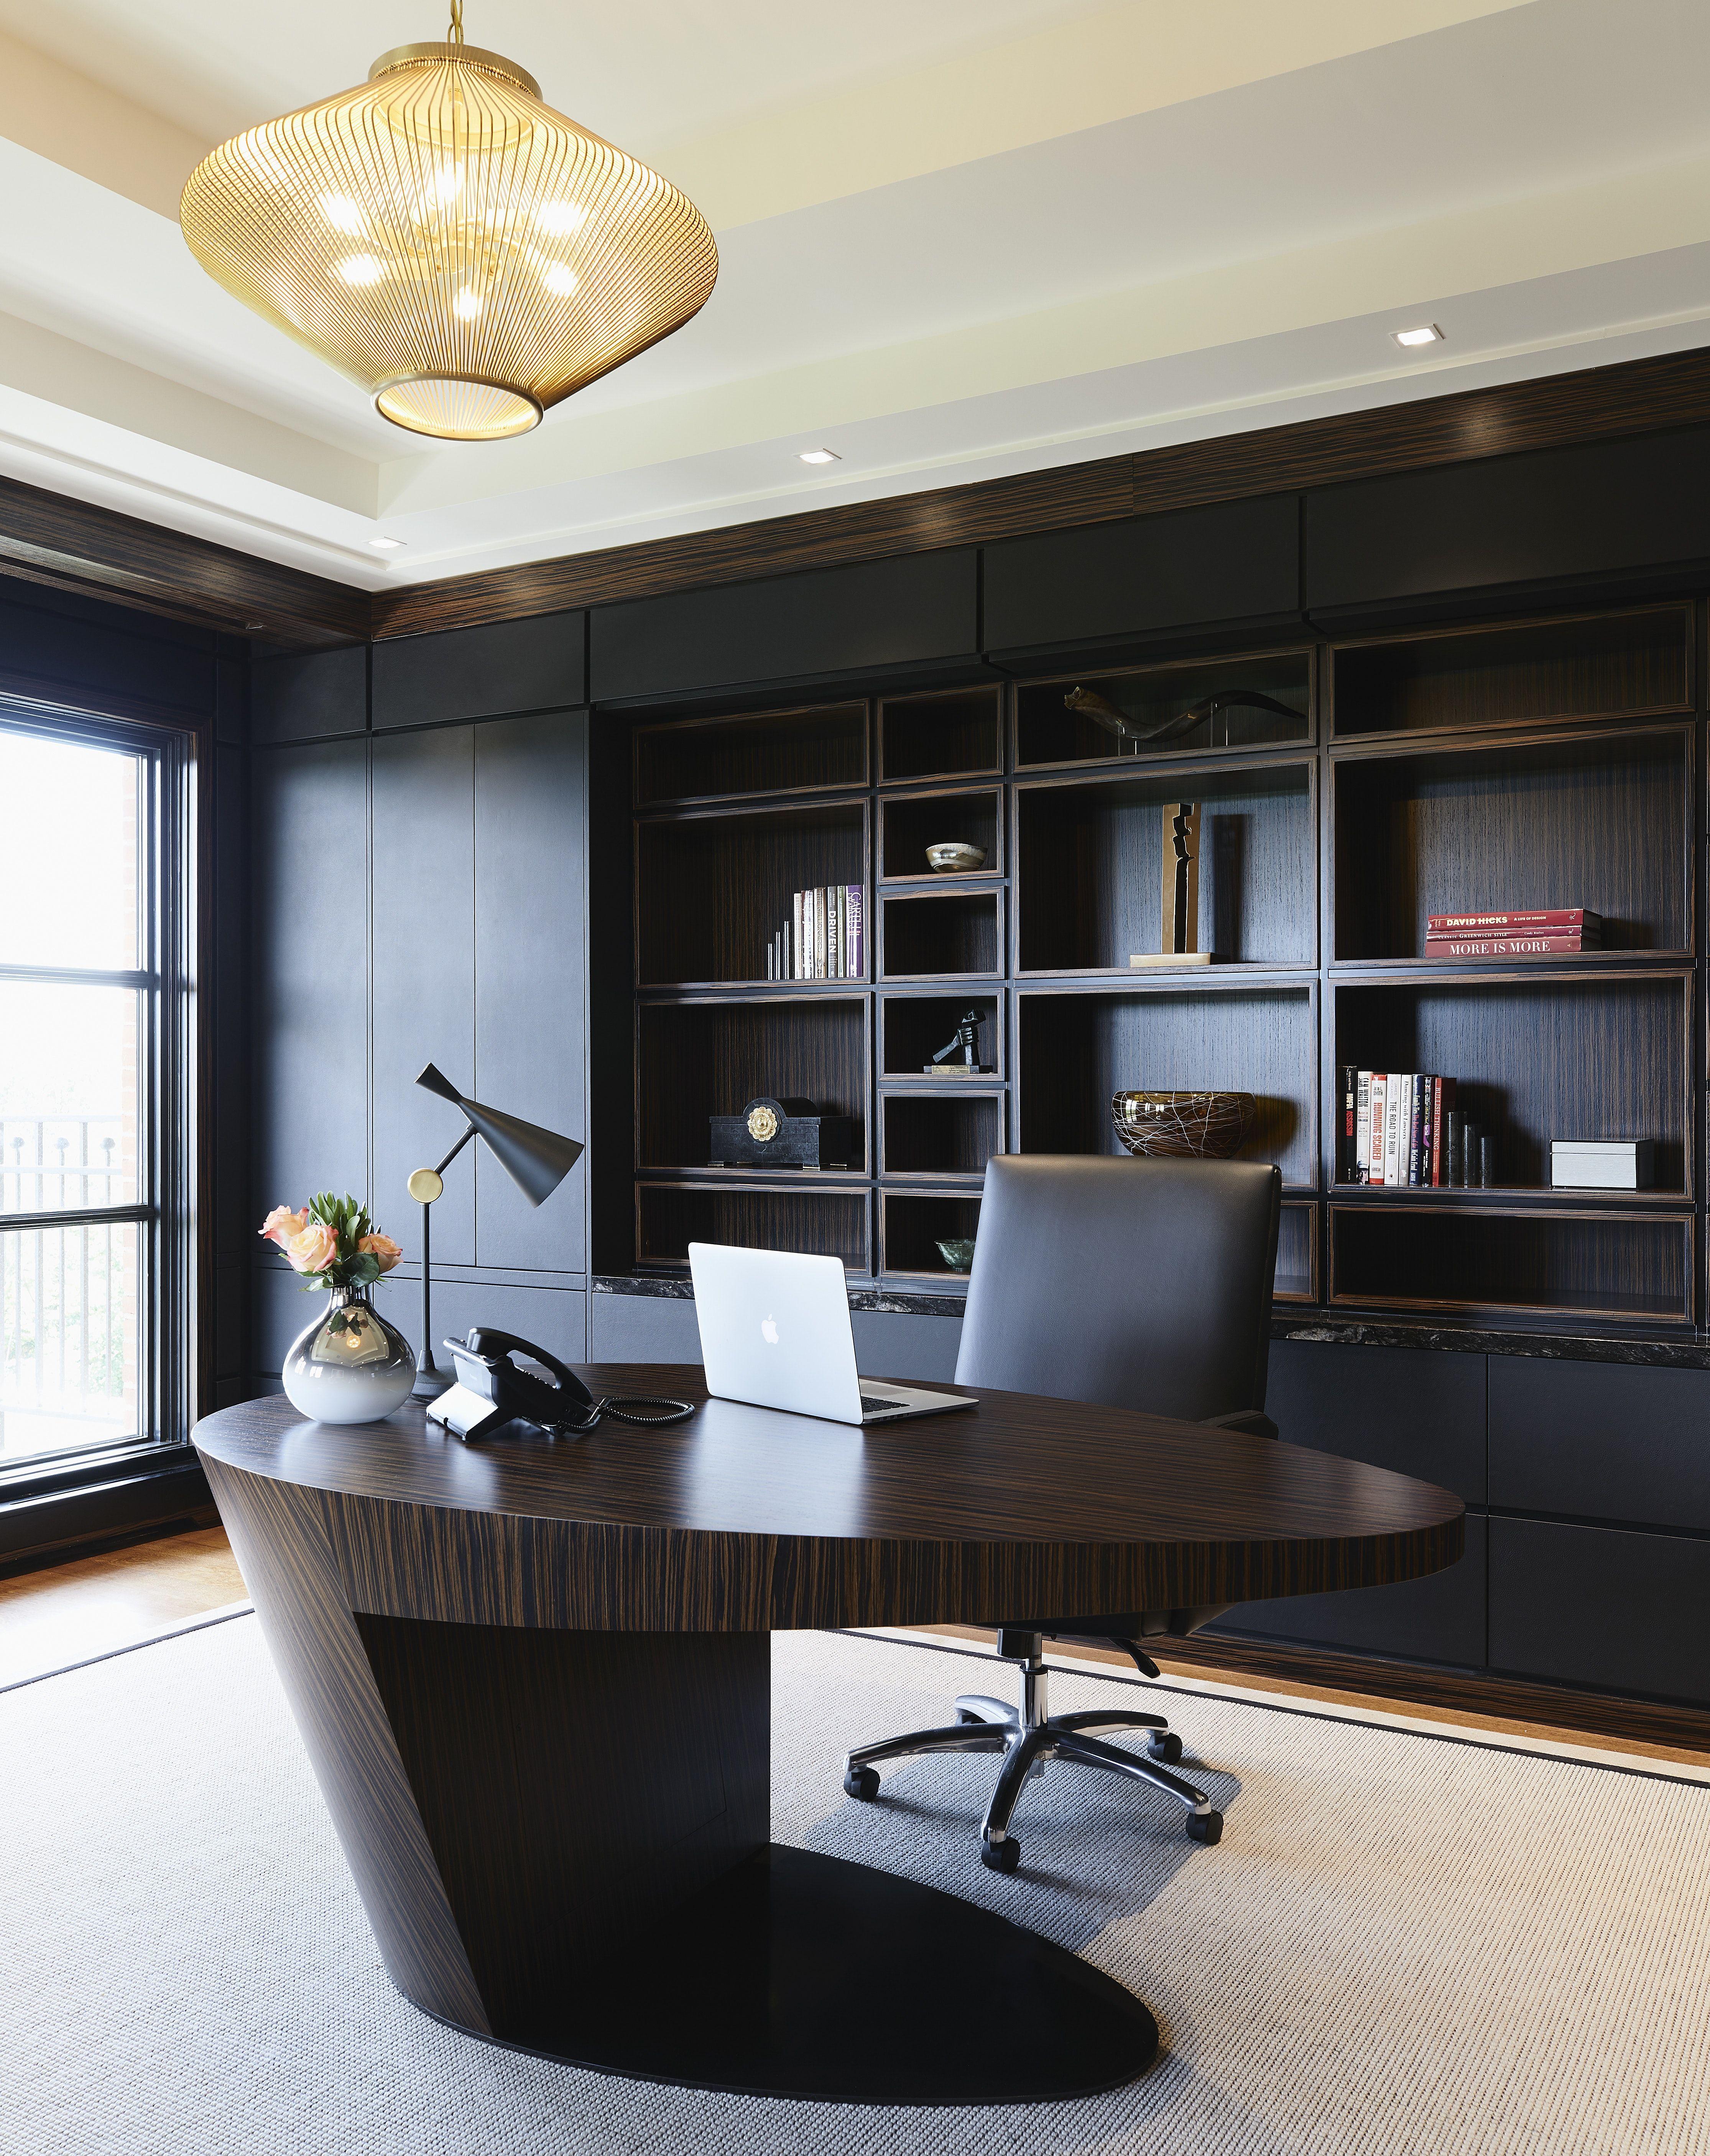 Orbit Desk Contemporary Transitional Mid Century Modern Desks Writing Tables Dering Hall Dekorasi Rumah Desain Kantor Rumah Aksesoris Dekorasi Rumah